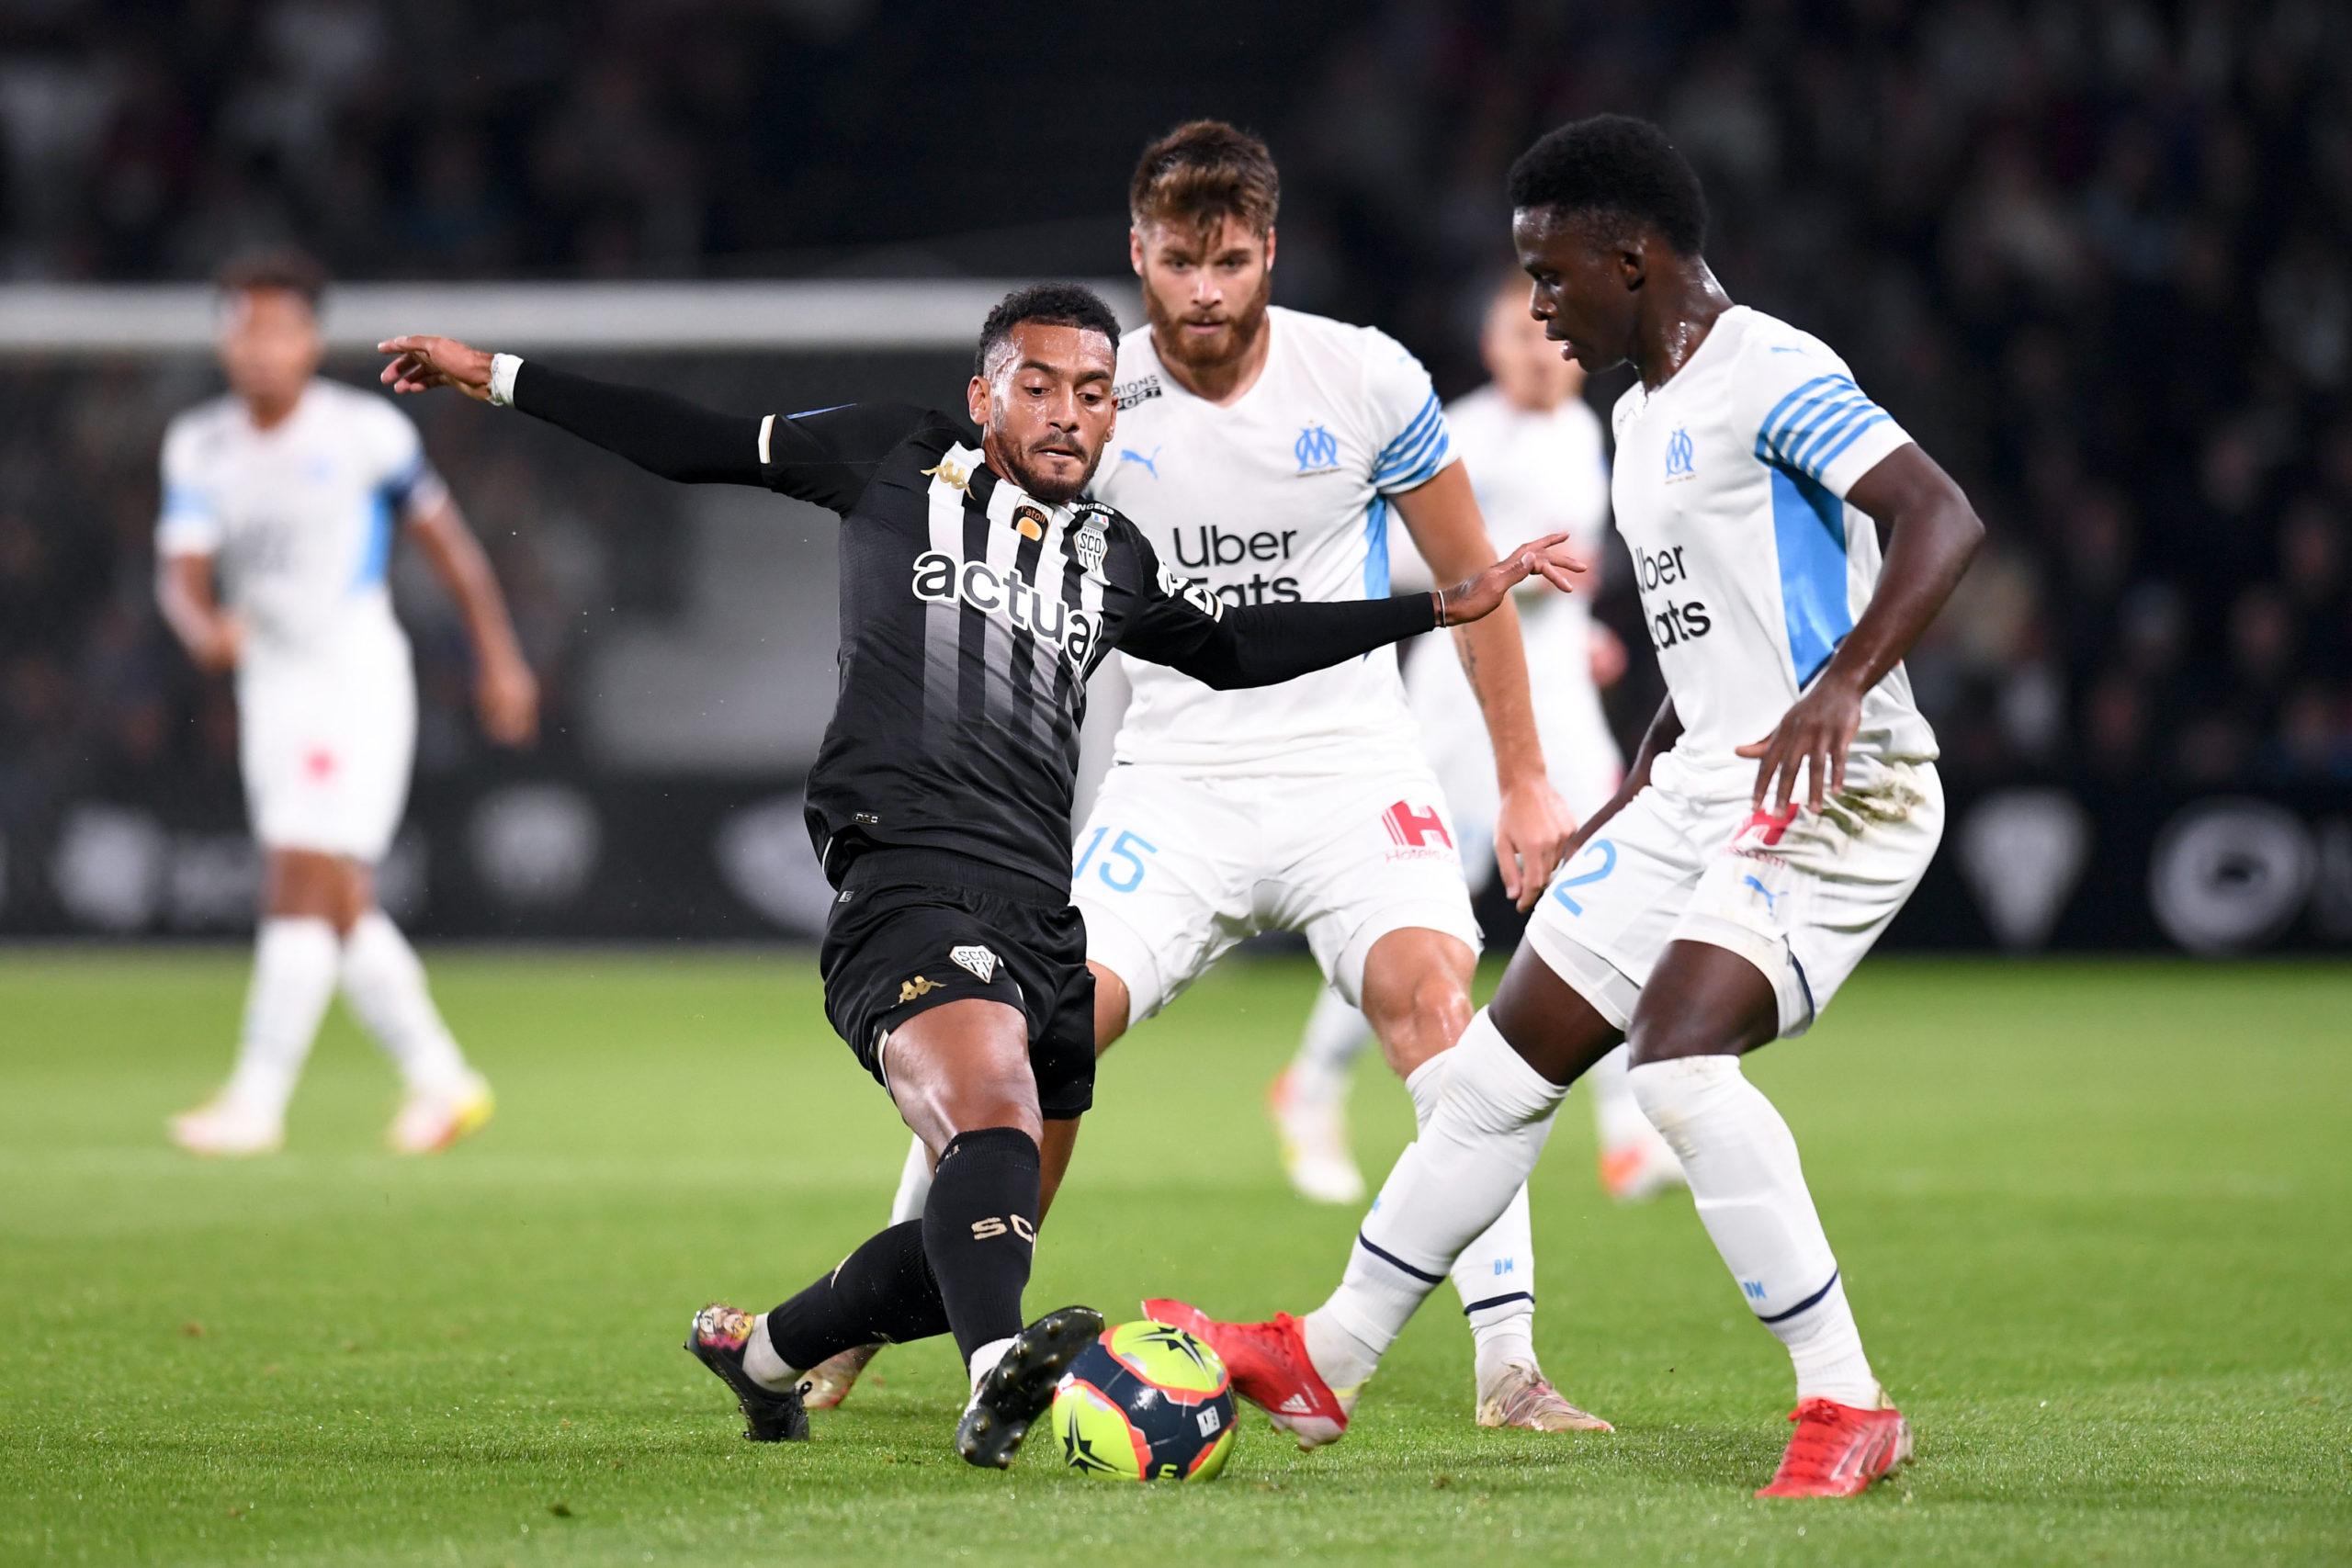 OM - L'équipe B face à Angers ? Juste un manque de repère pour Mathieu Bodmer